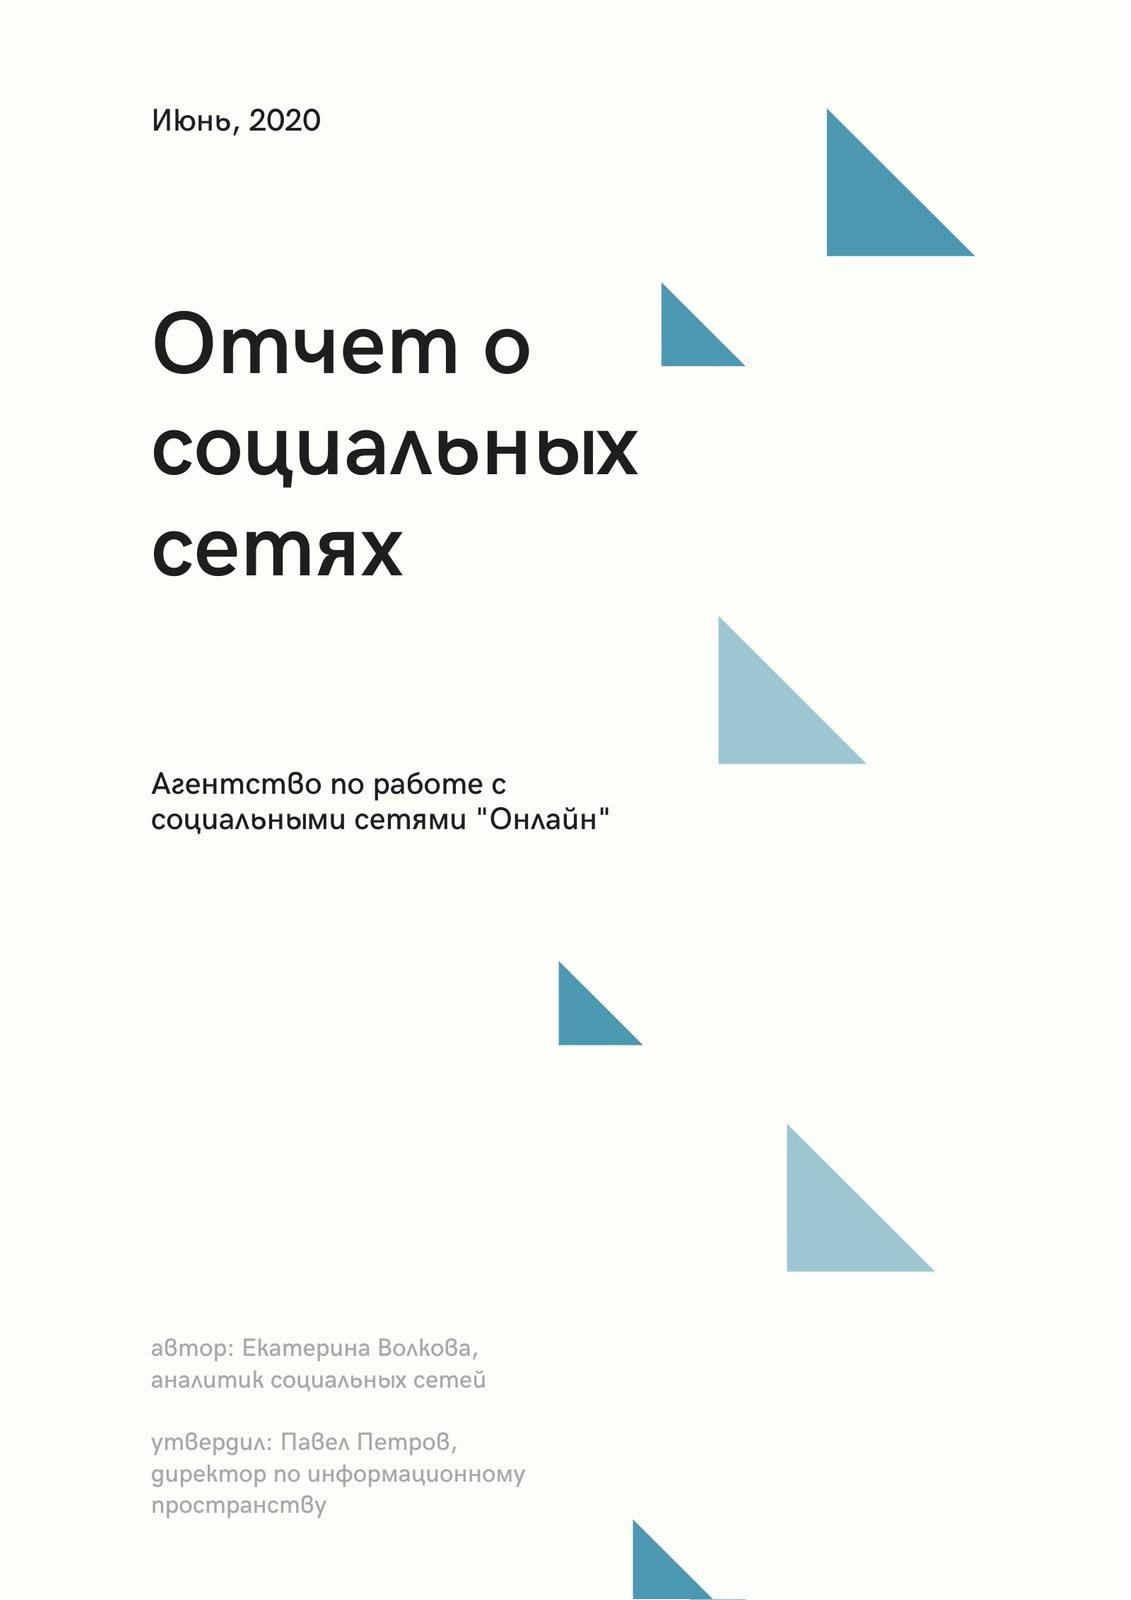 Стальной Синий Правый Треугольники Социальные Сети Отчет